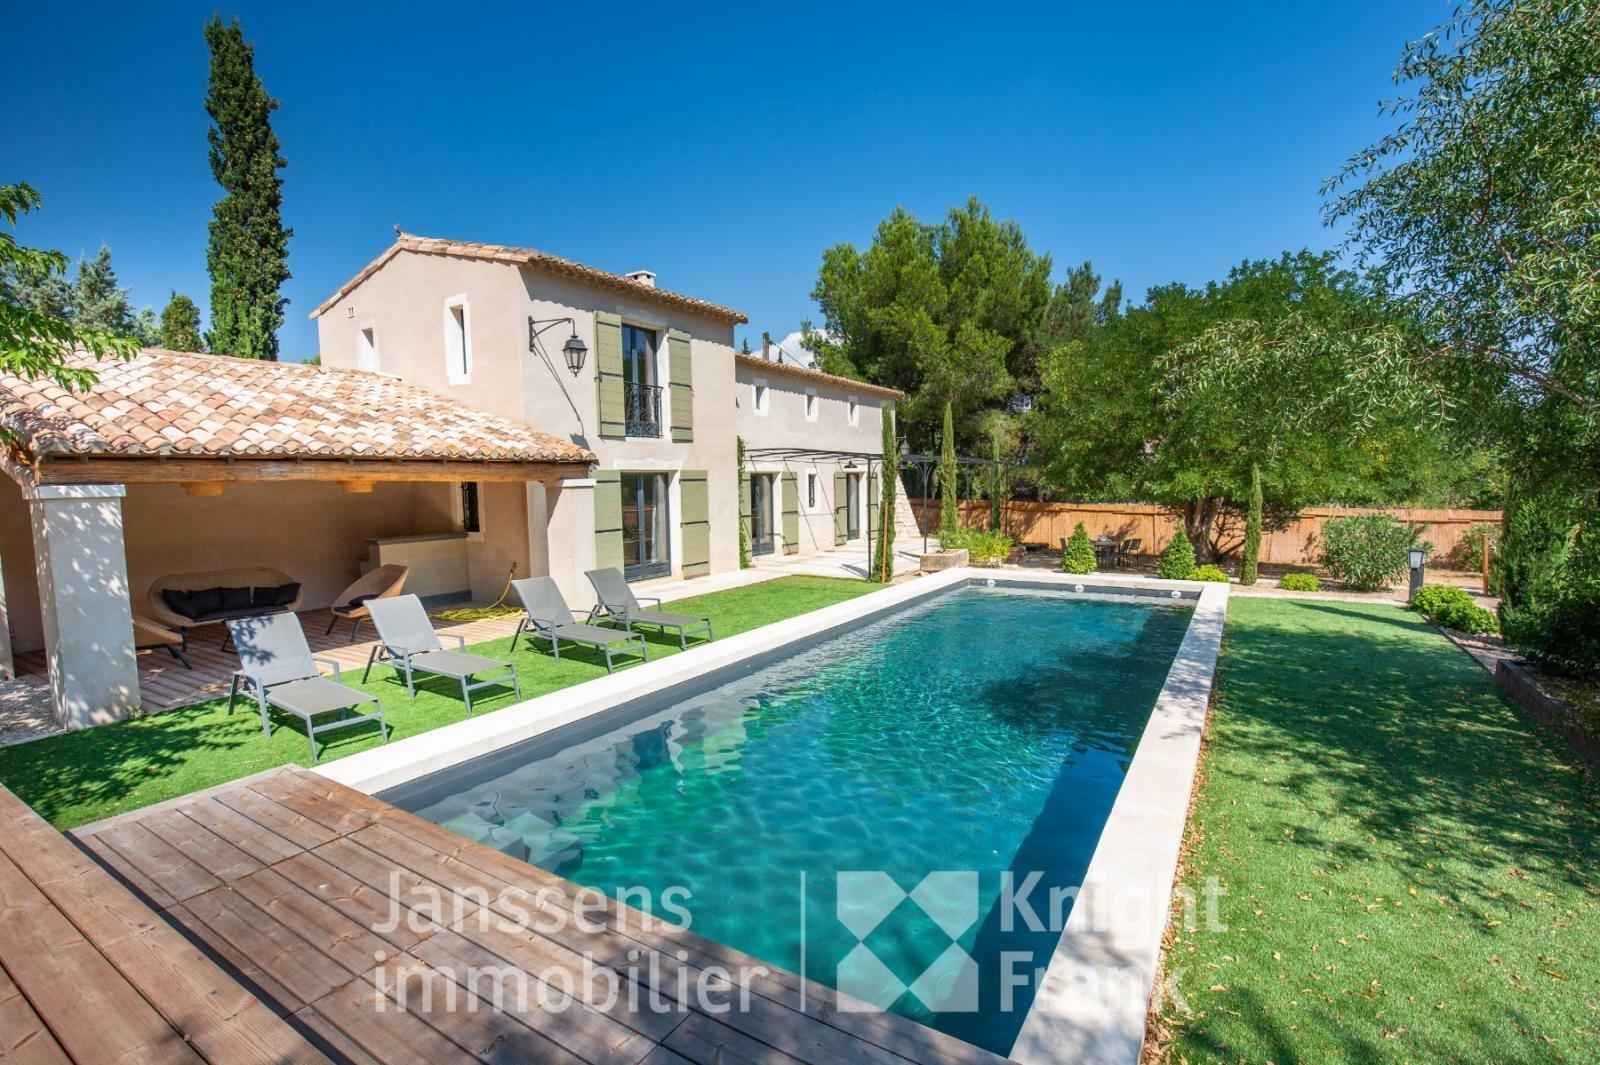 Villa in Maussane-les-Alpilles, Provence-Alpes-Côte d'Azur, France 1 - 10974788